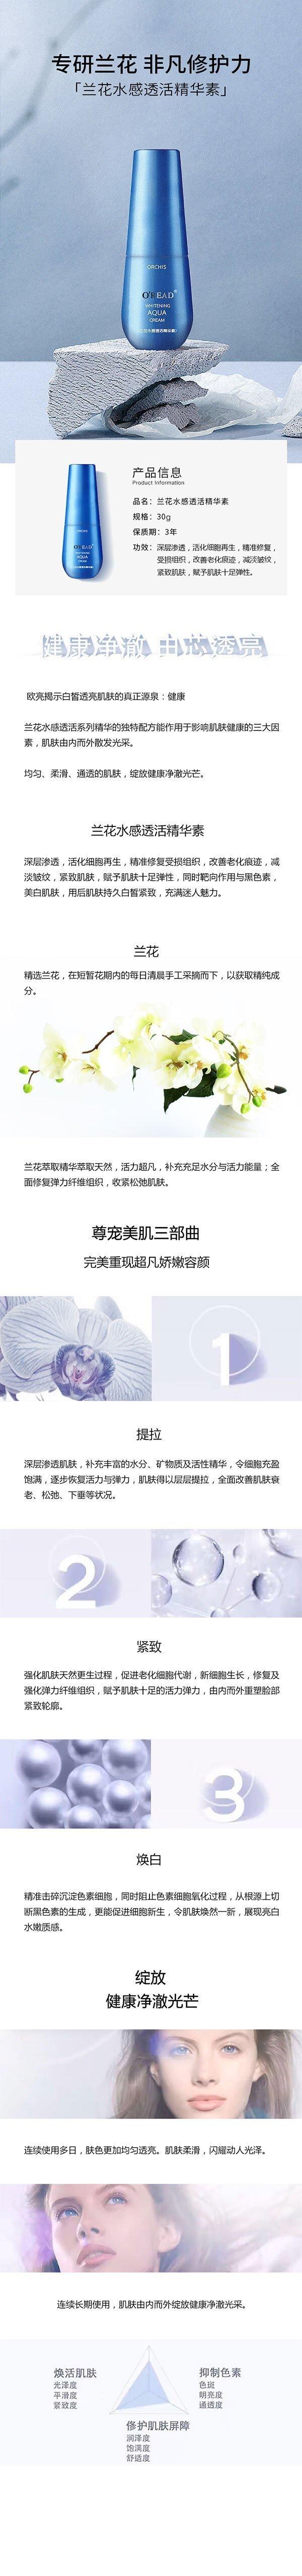 兰花水感透活精华素-详情1